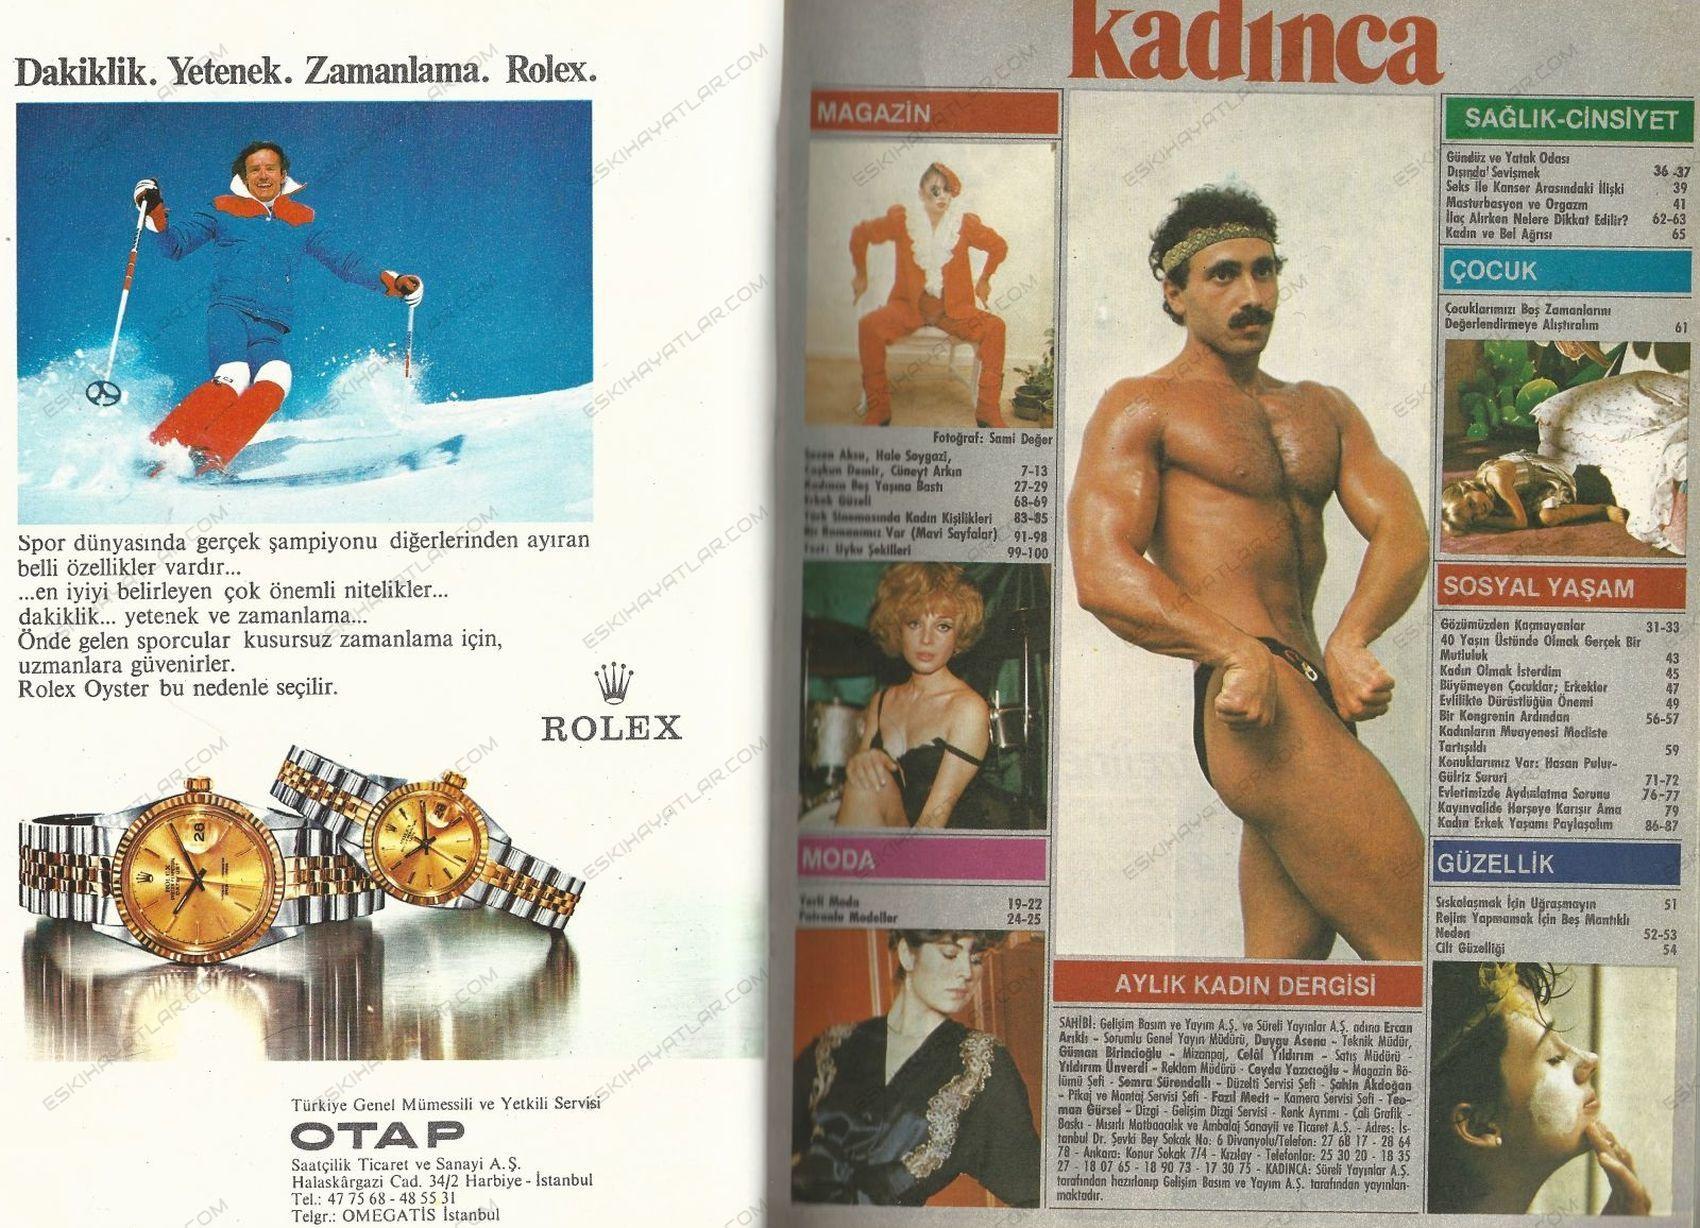 0365-sezen-aksu-ile-normal-bir-soylesi-1982-kadinca-dergisi (2)